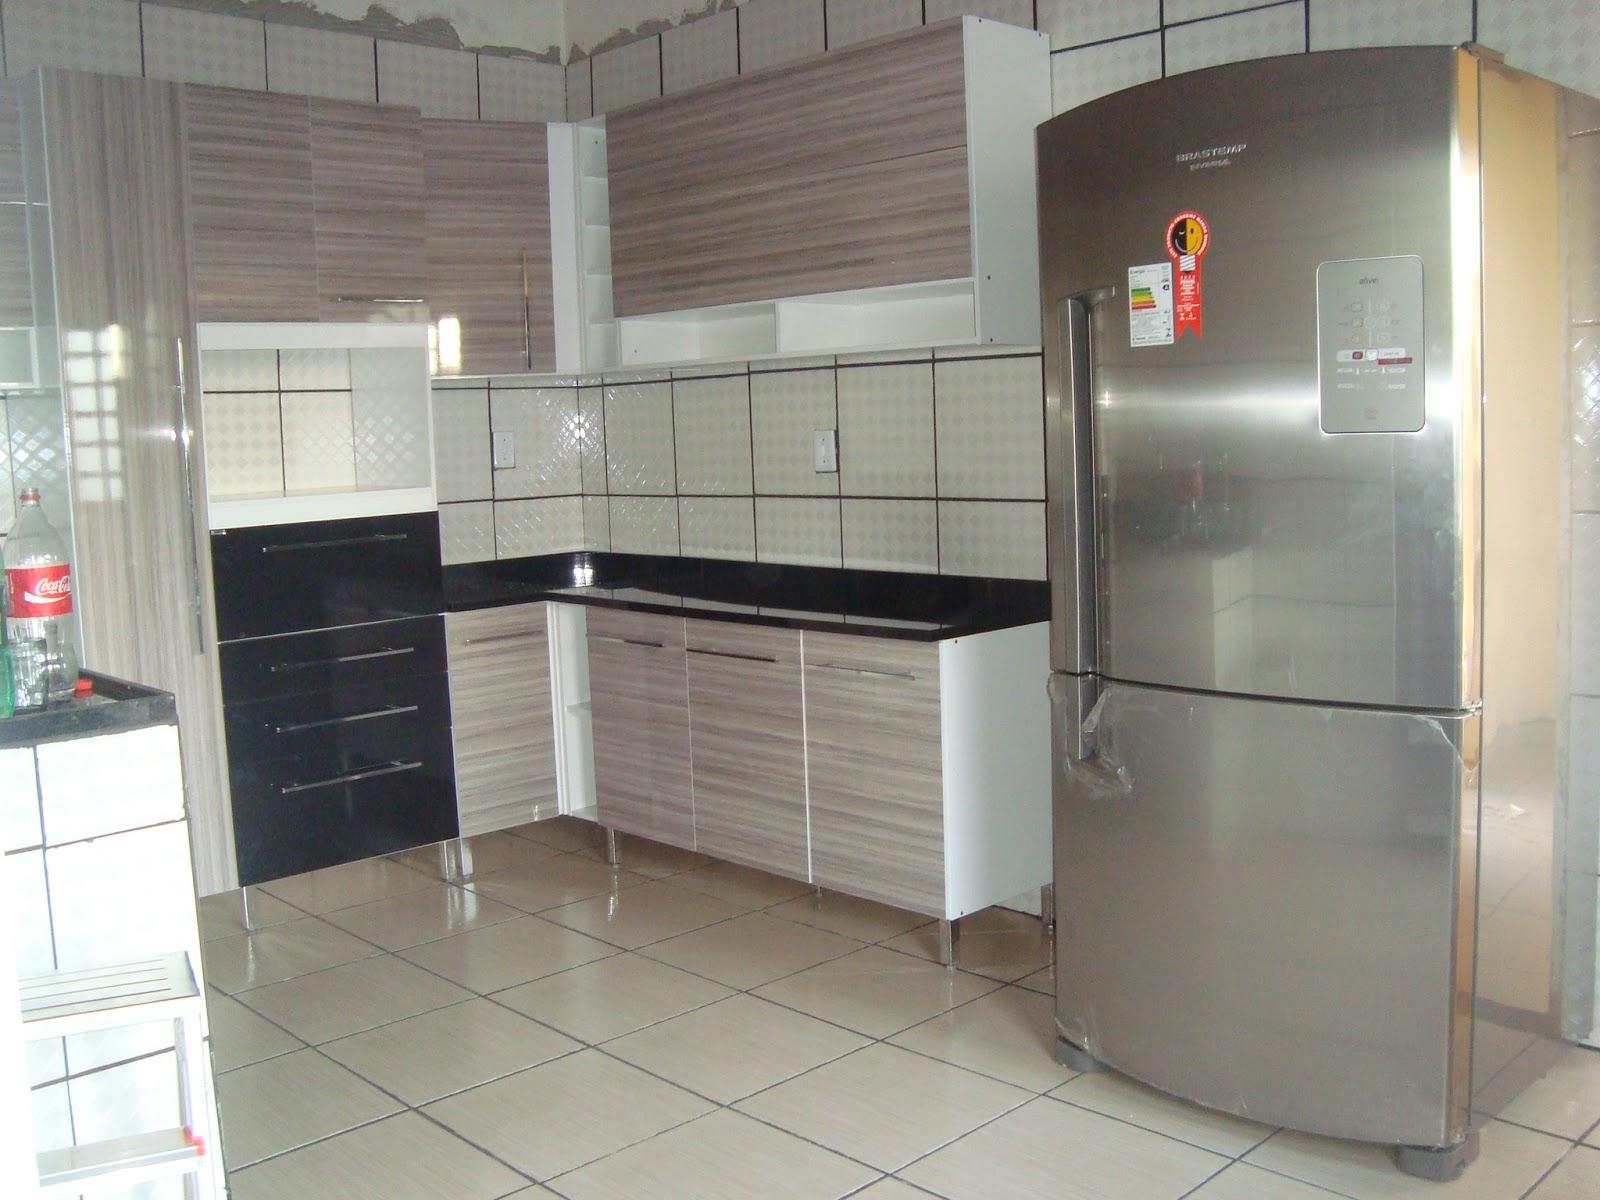 Doce Começo : Fotos do armário de cozinha #7A6551 1600 1200